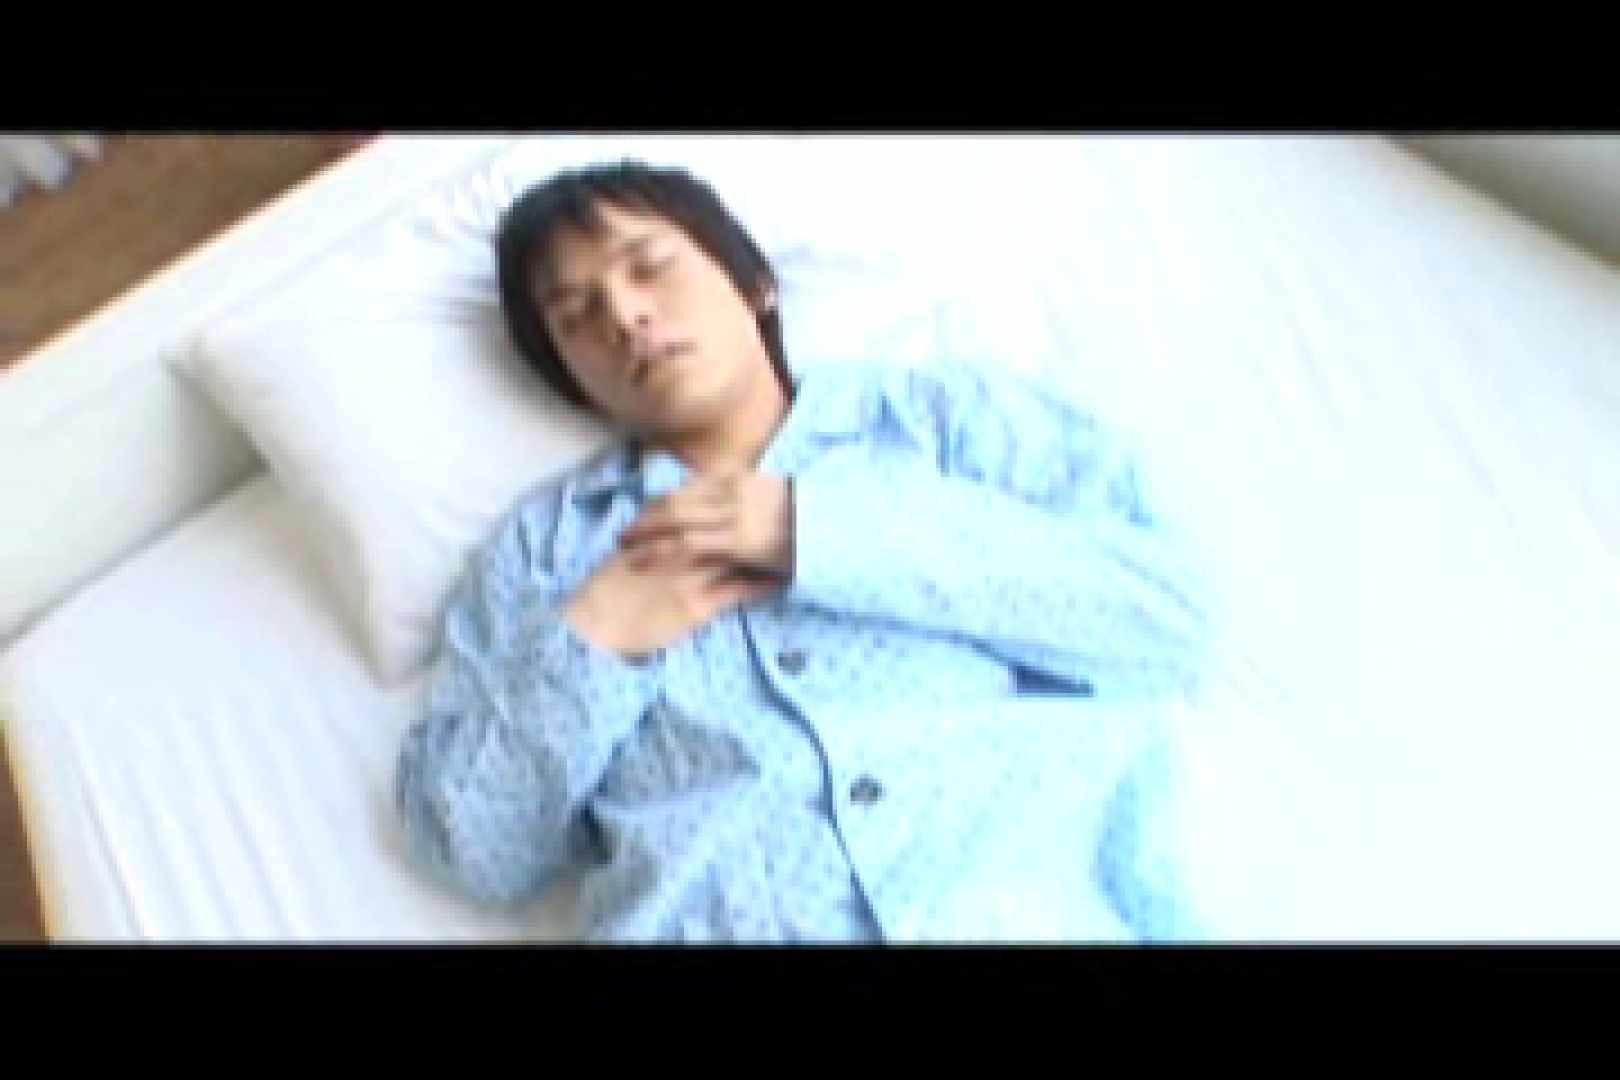 美男子コレクションvol7 イケメン ケツマンスケベ画像 104枚 7